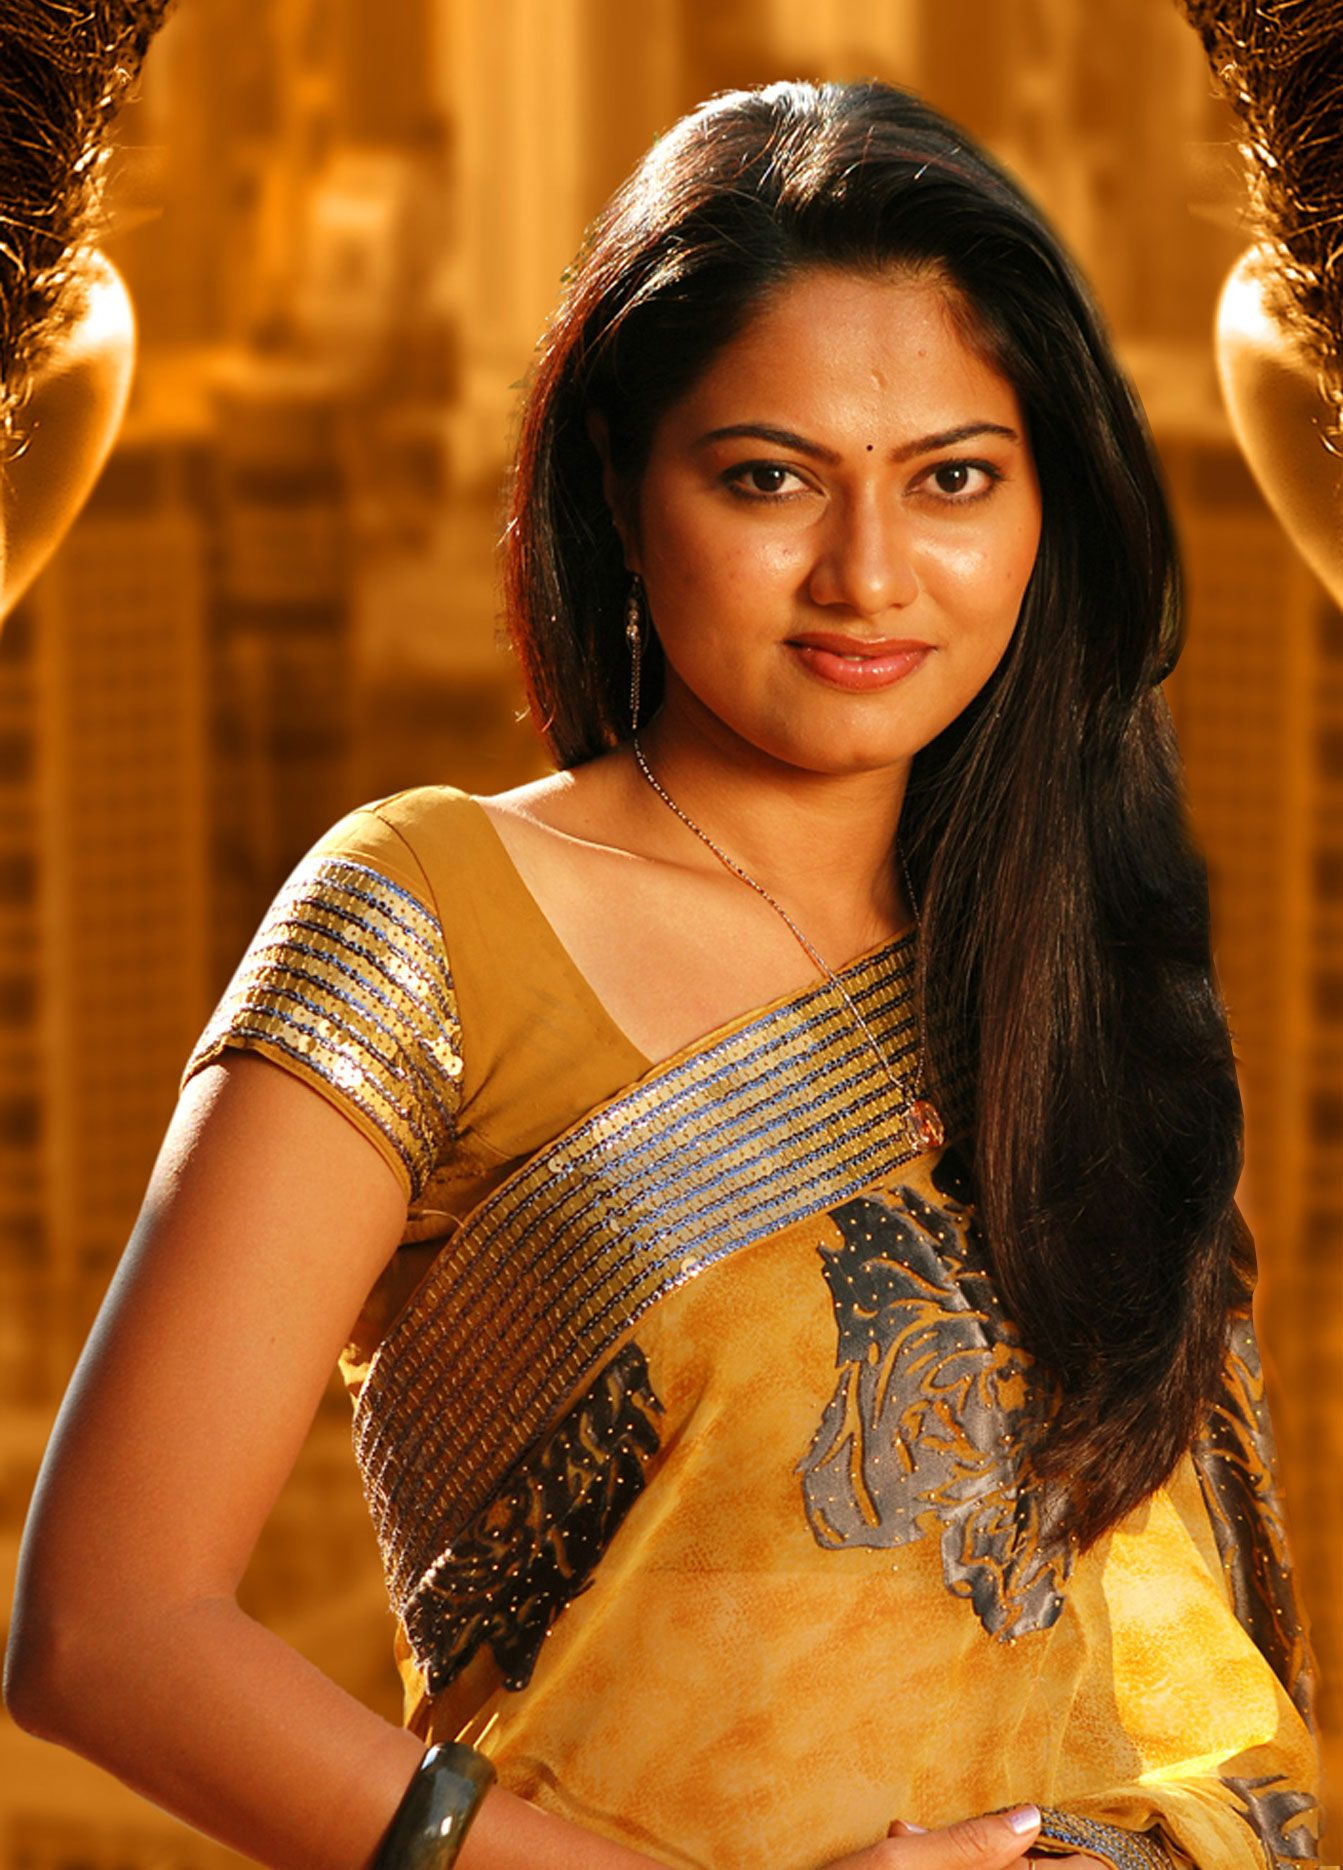 suhasinitelugutvactress Artist at Telugu Film Industry